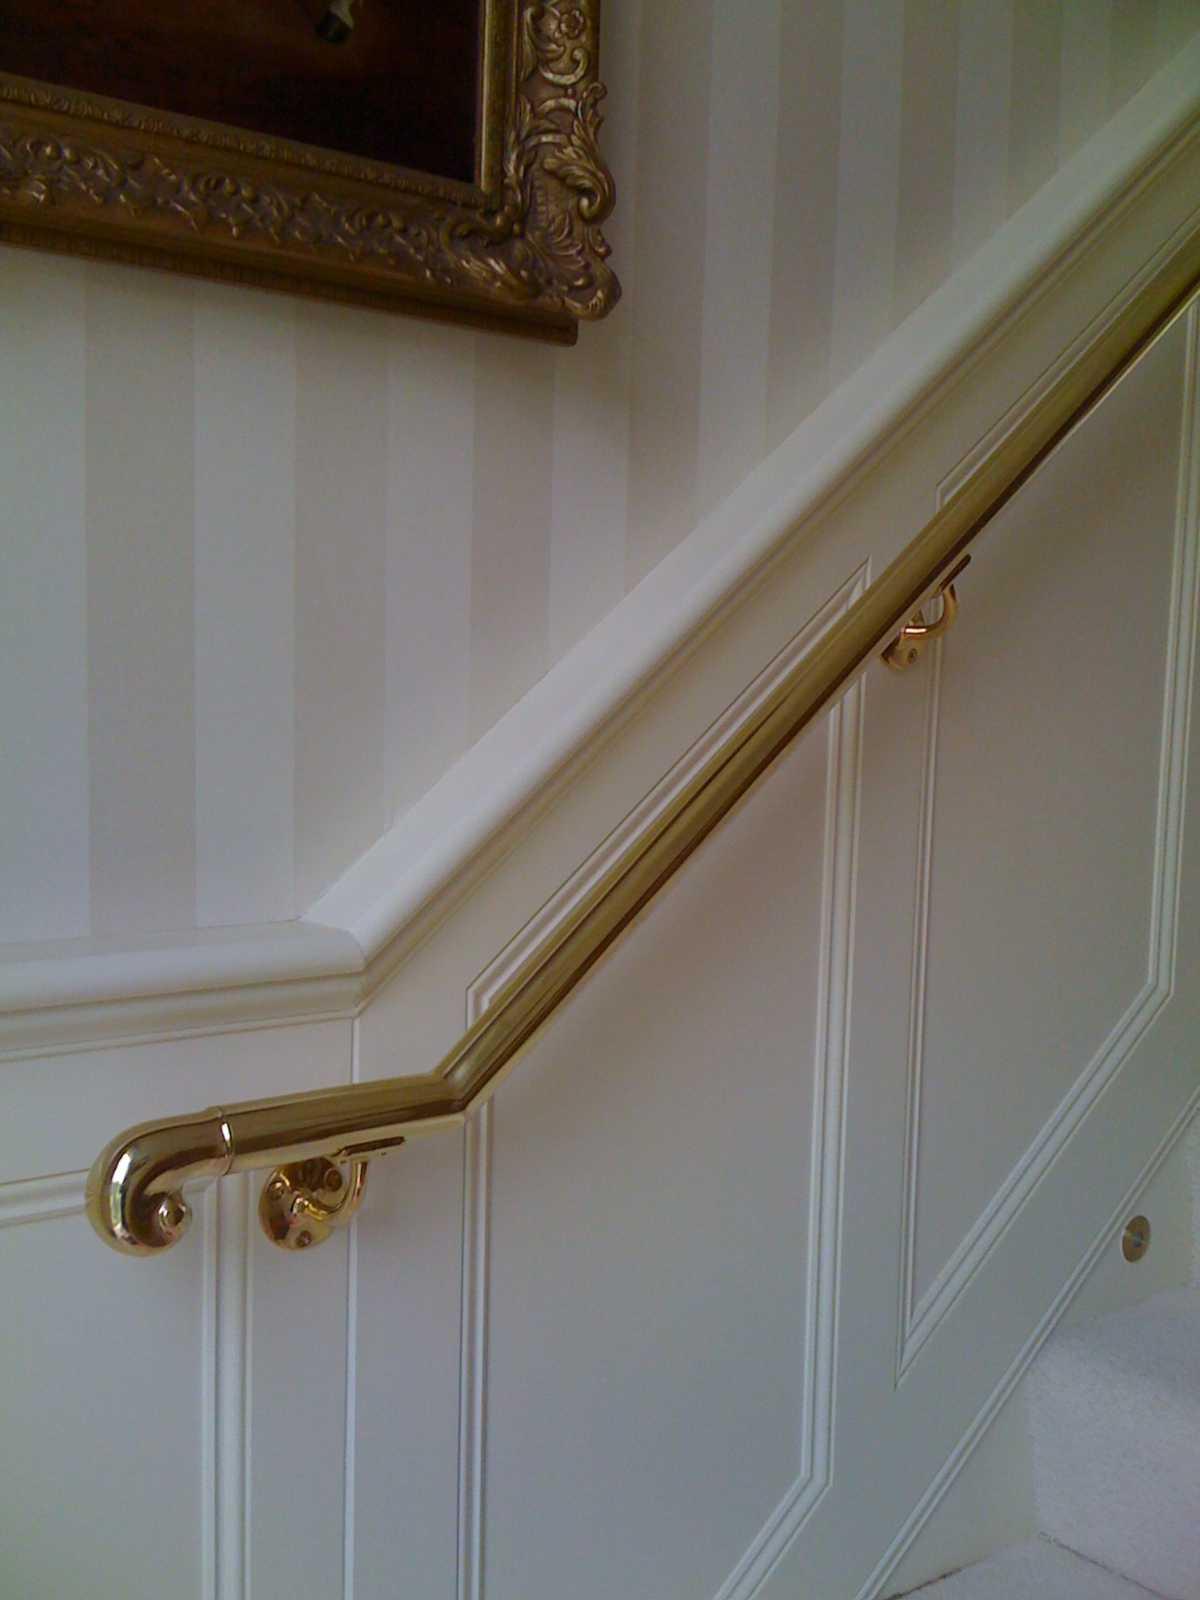 Citadel Brass Handrail And Balustrade System